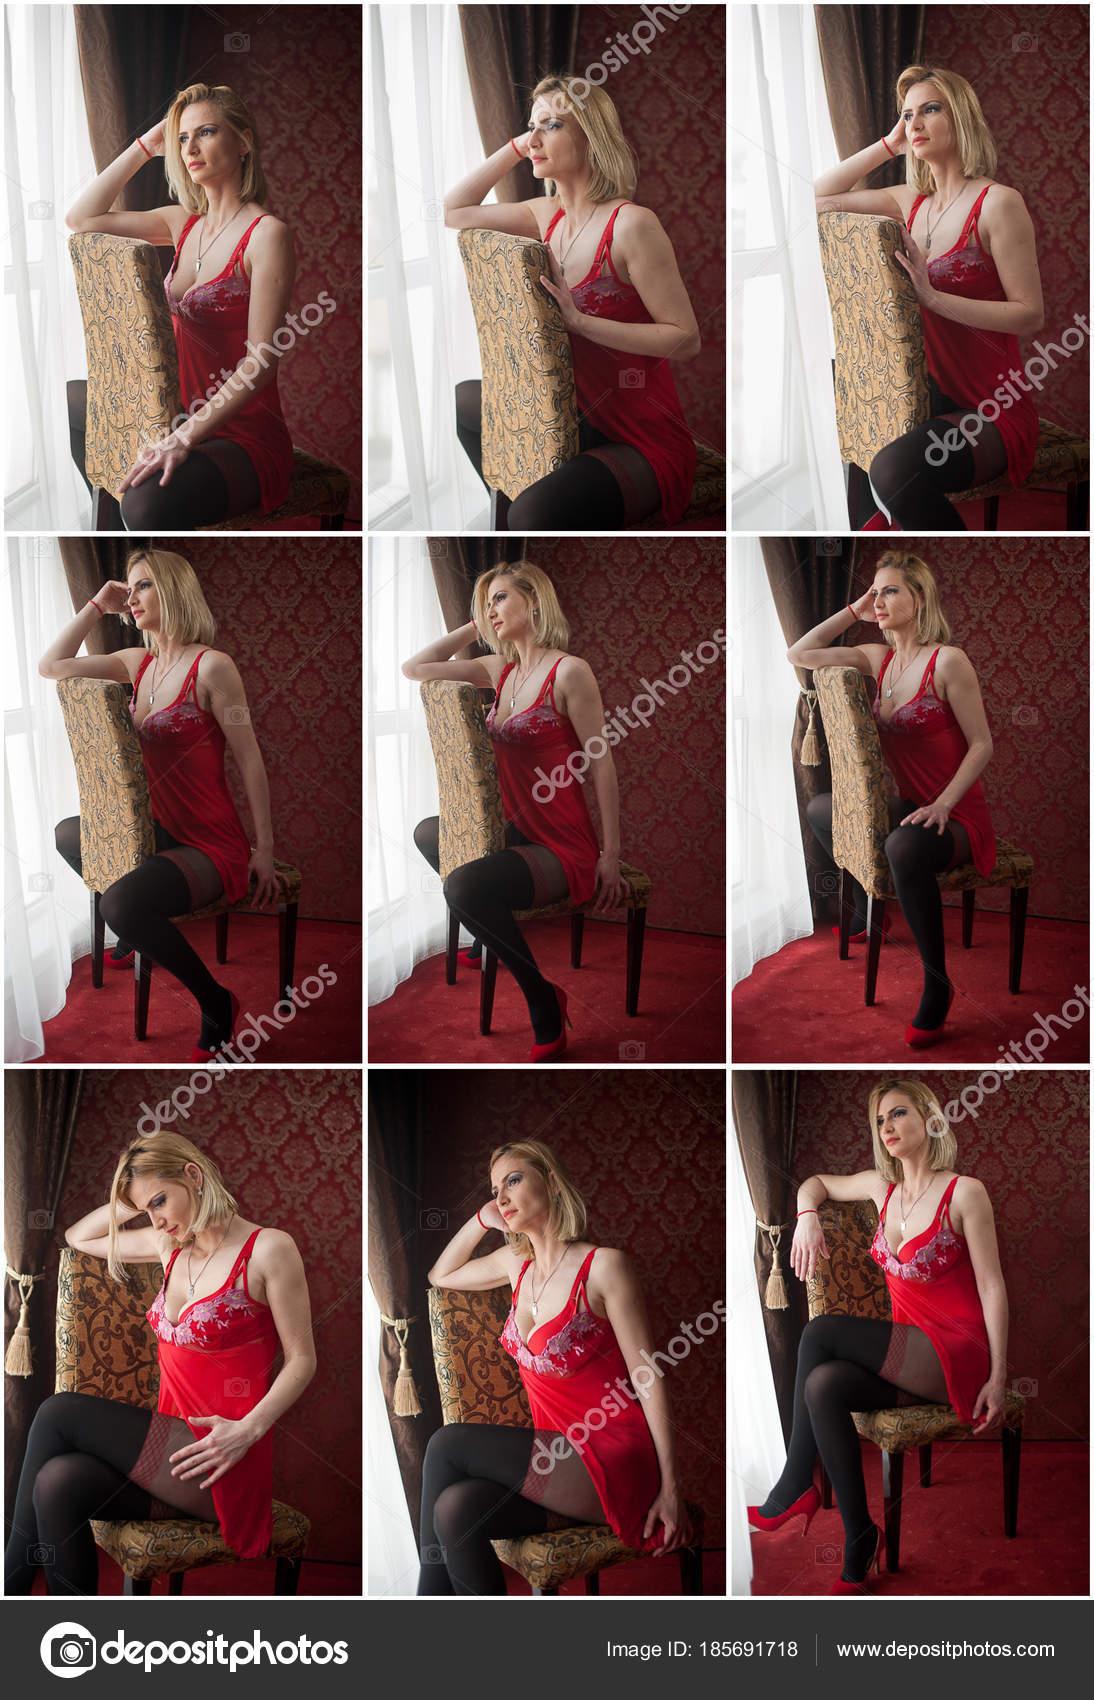 Девушка в красном белье и черными чулками — pic 11